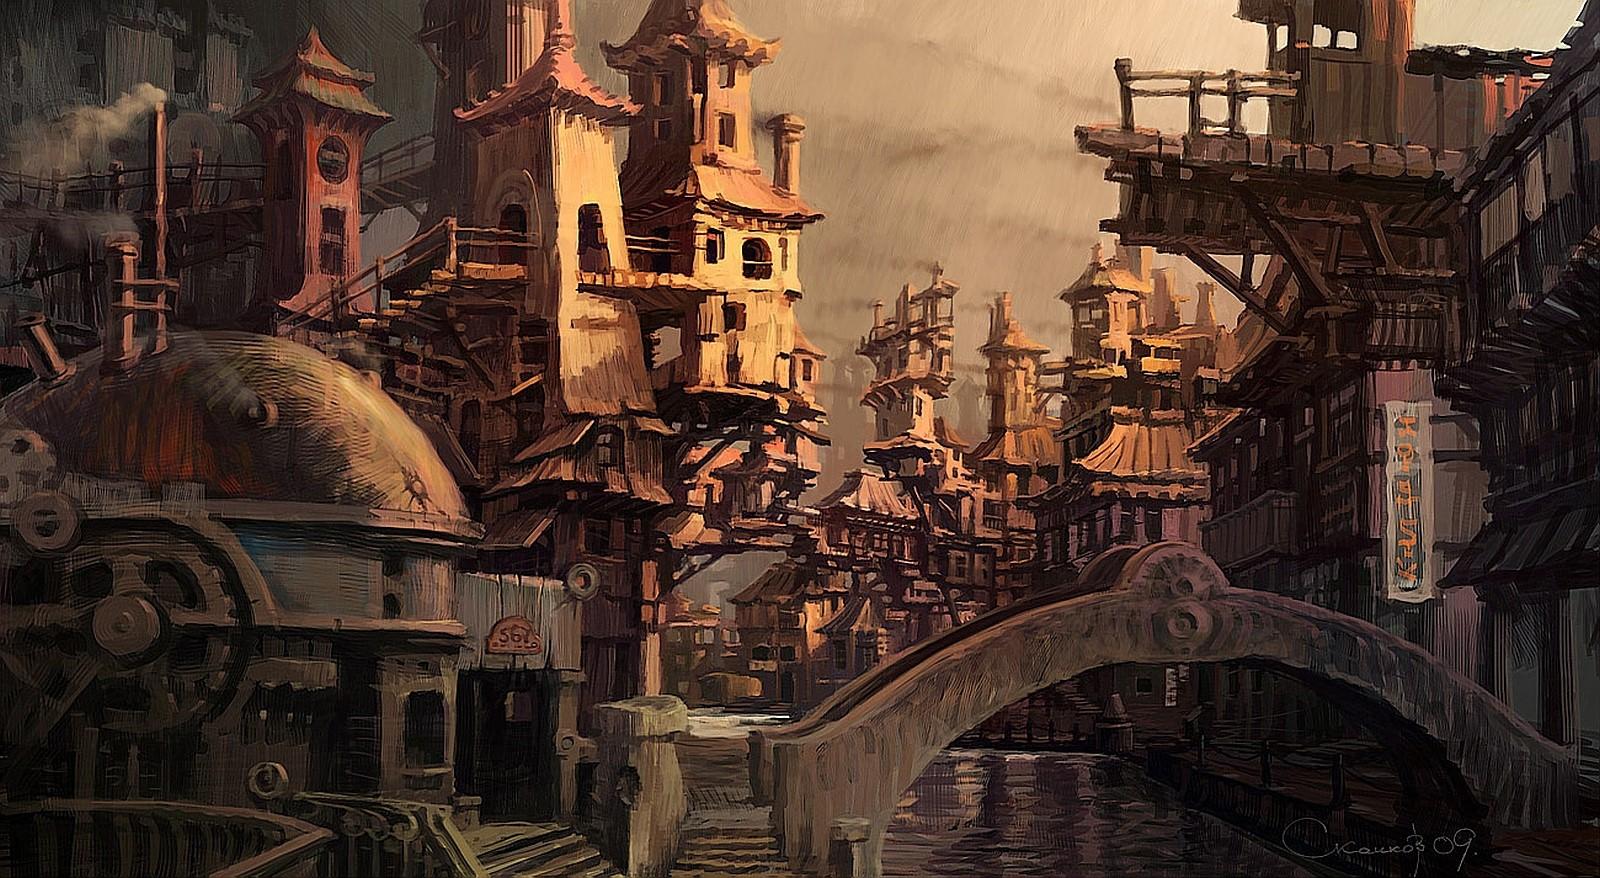 Fantasy Wallpaper 39